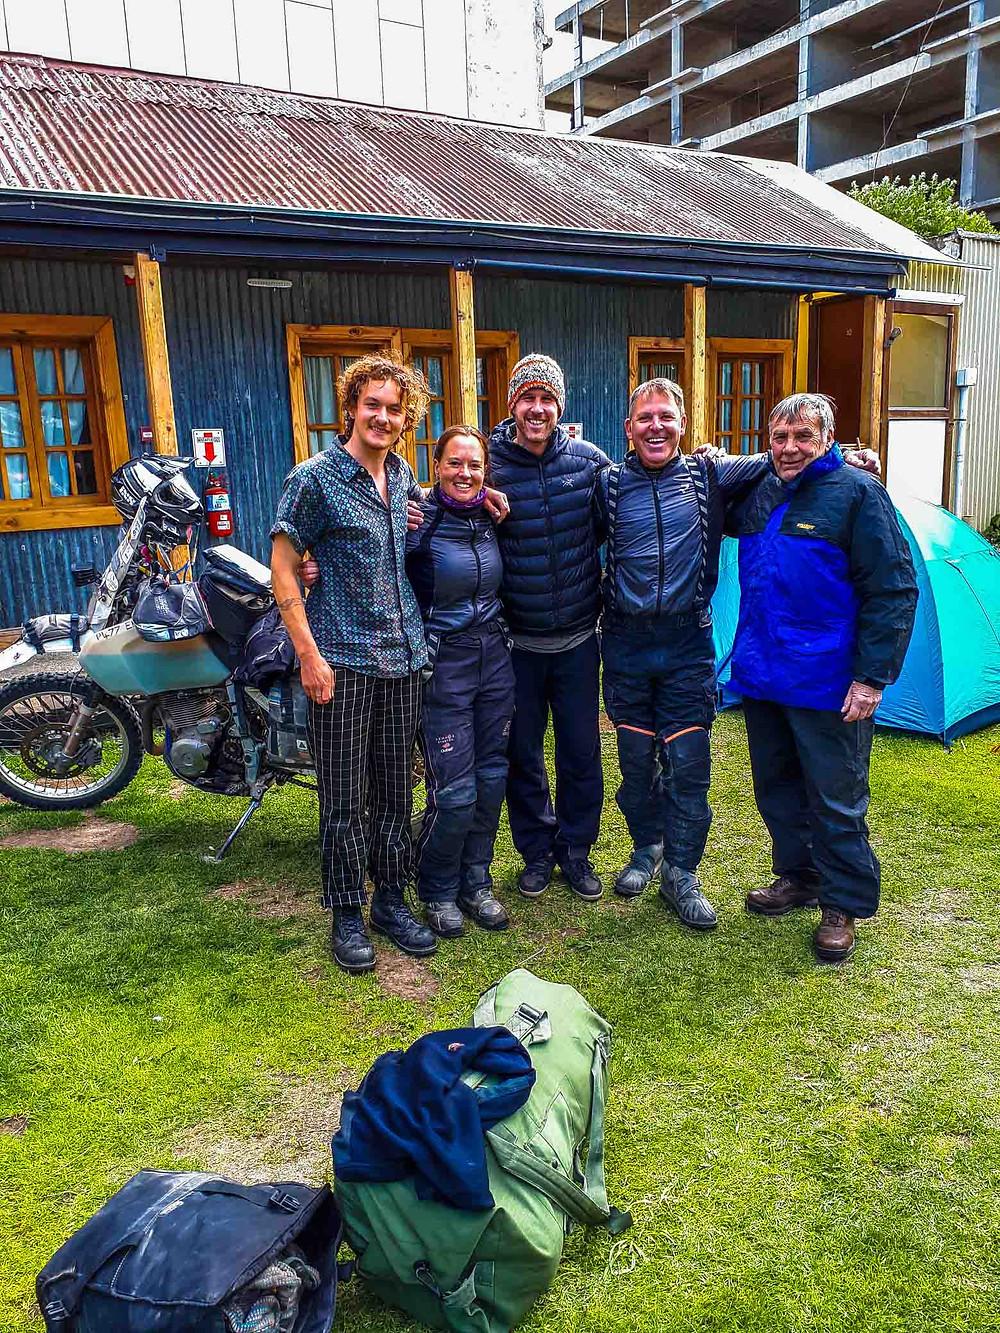 Back at 'Lo de Momo's' - Simon (Oz), Suzie, Paul (Canada), Kelvin and Gary (USA) - AvVida.co.uk